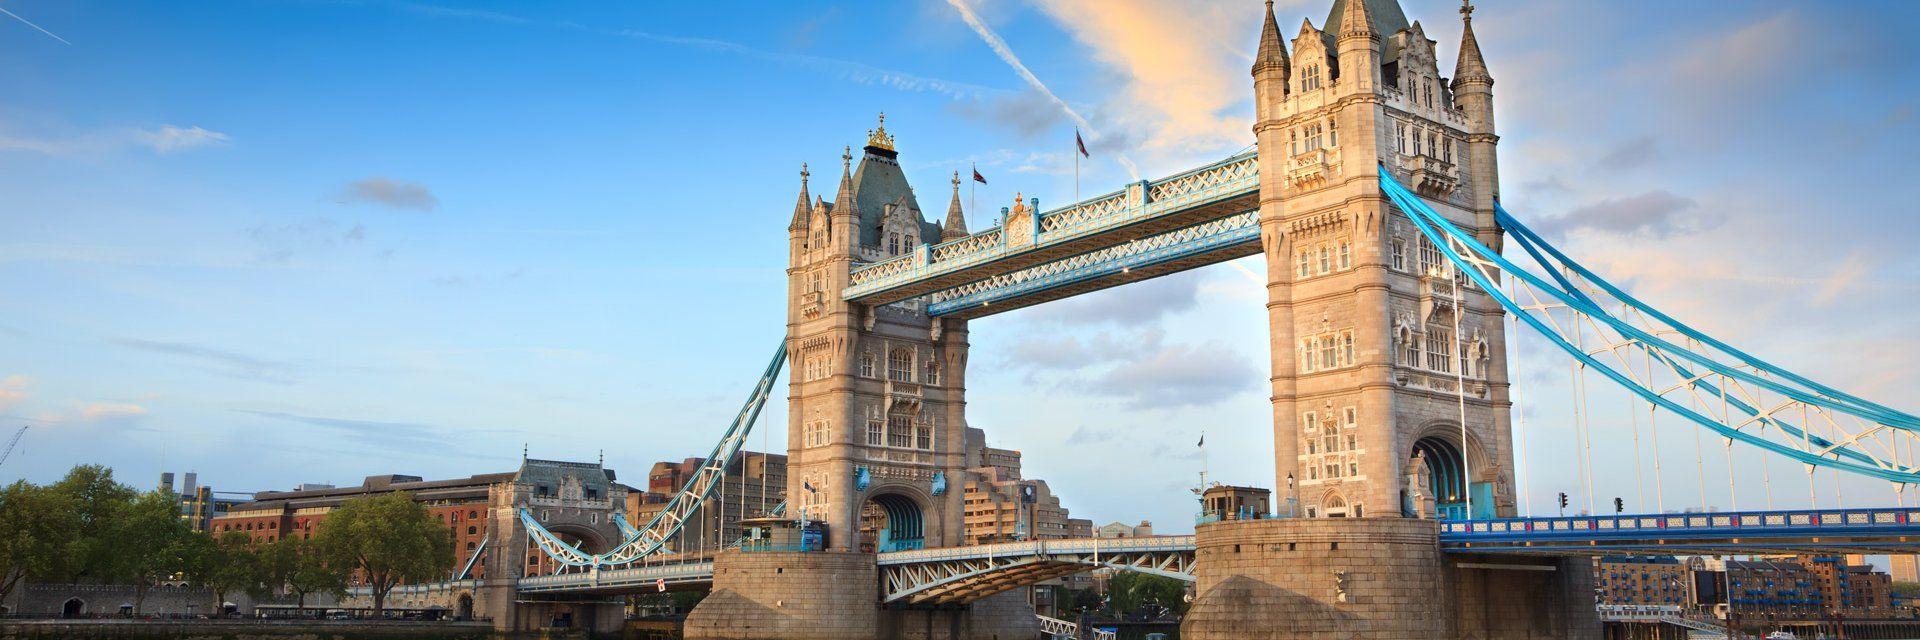 Édimbourg et Londres